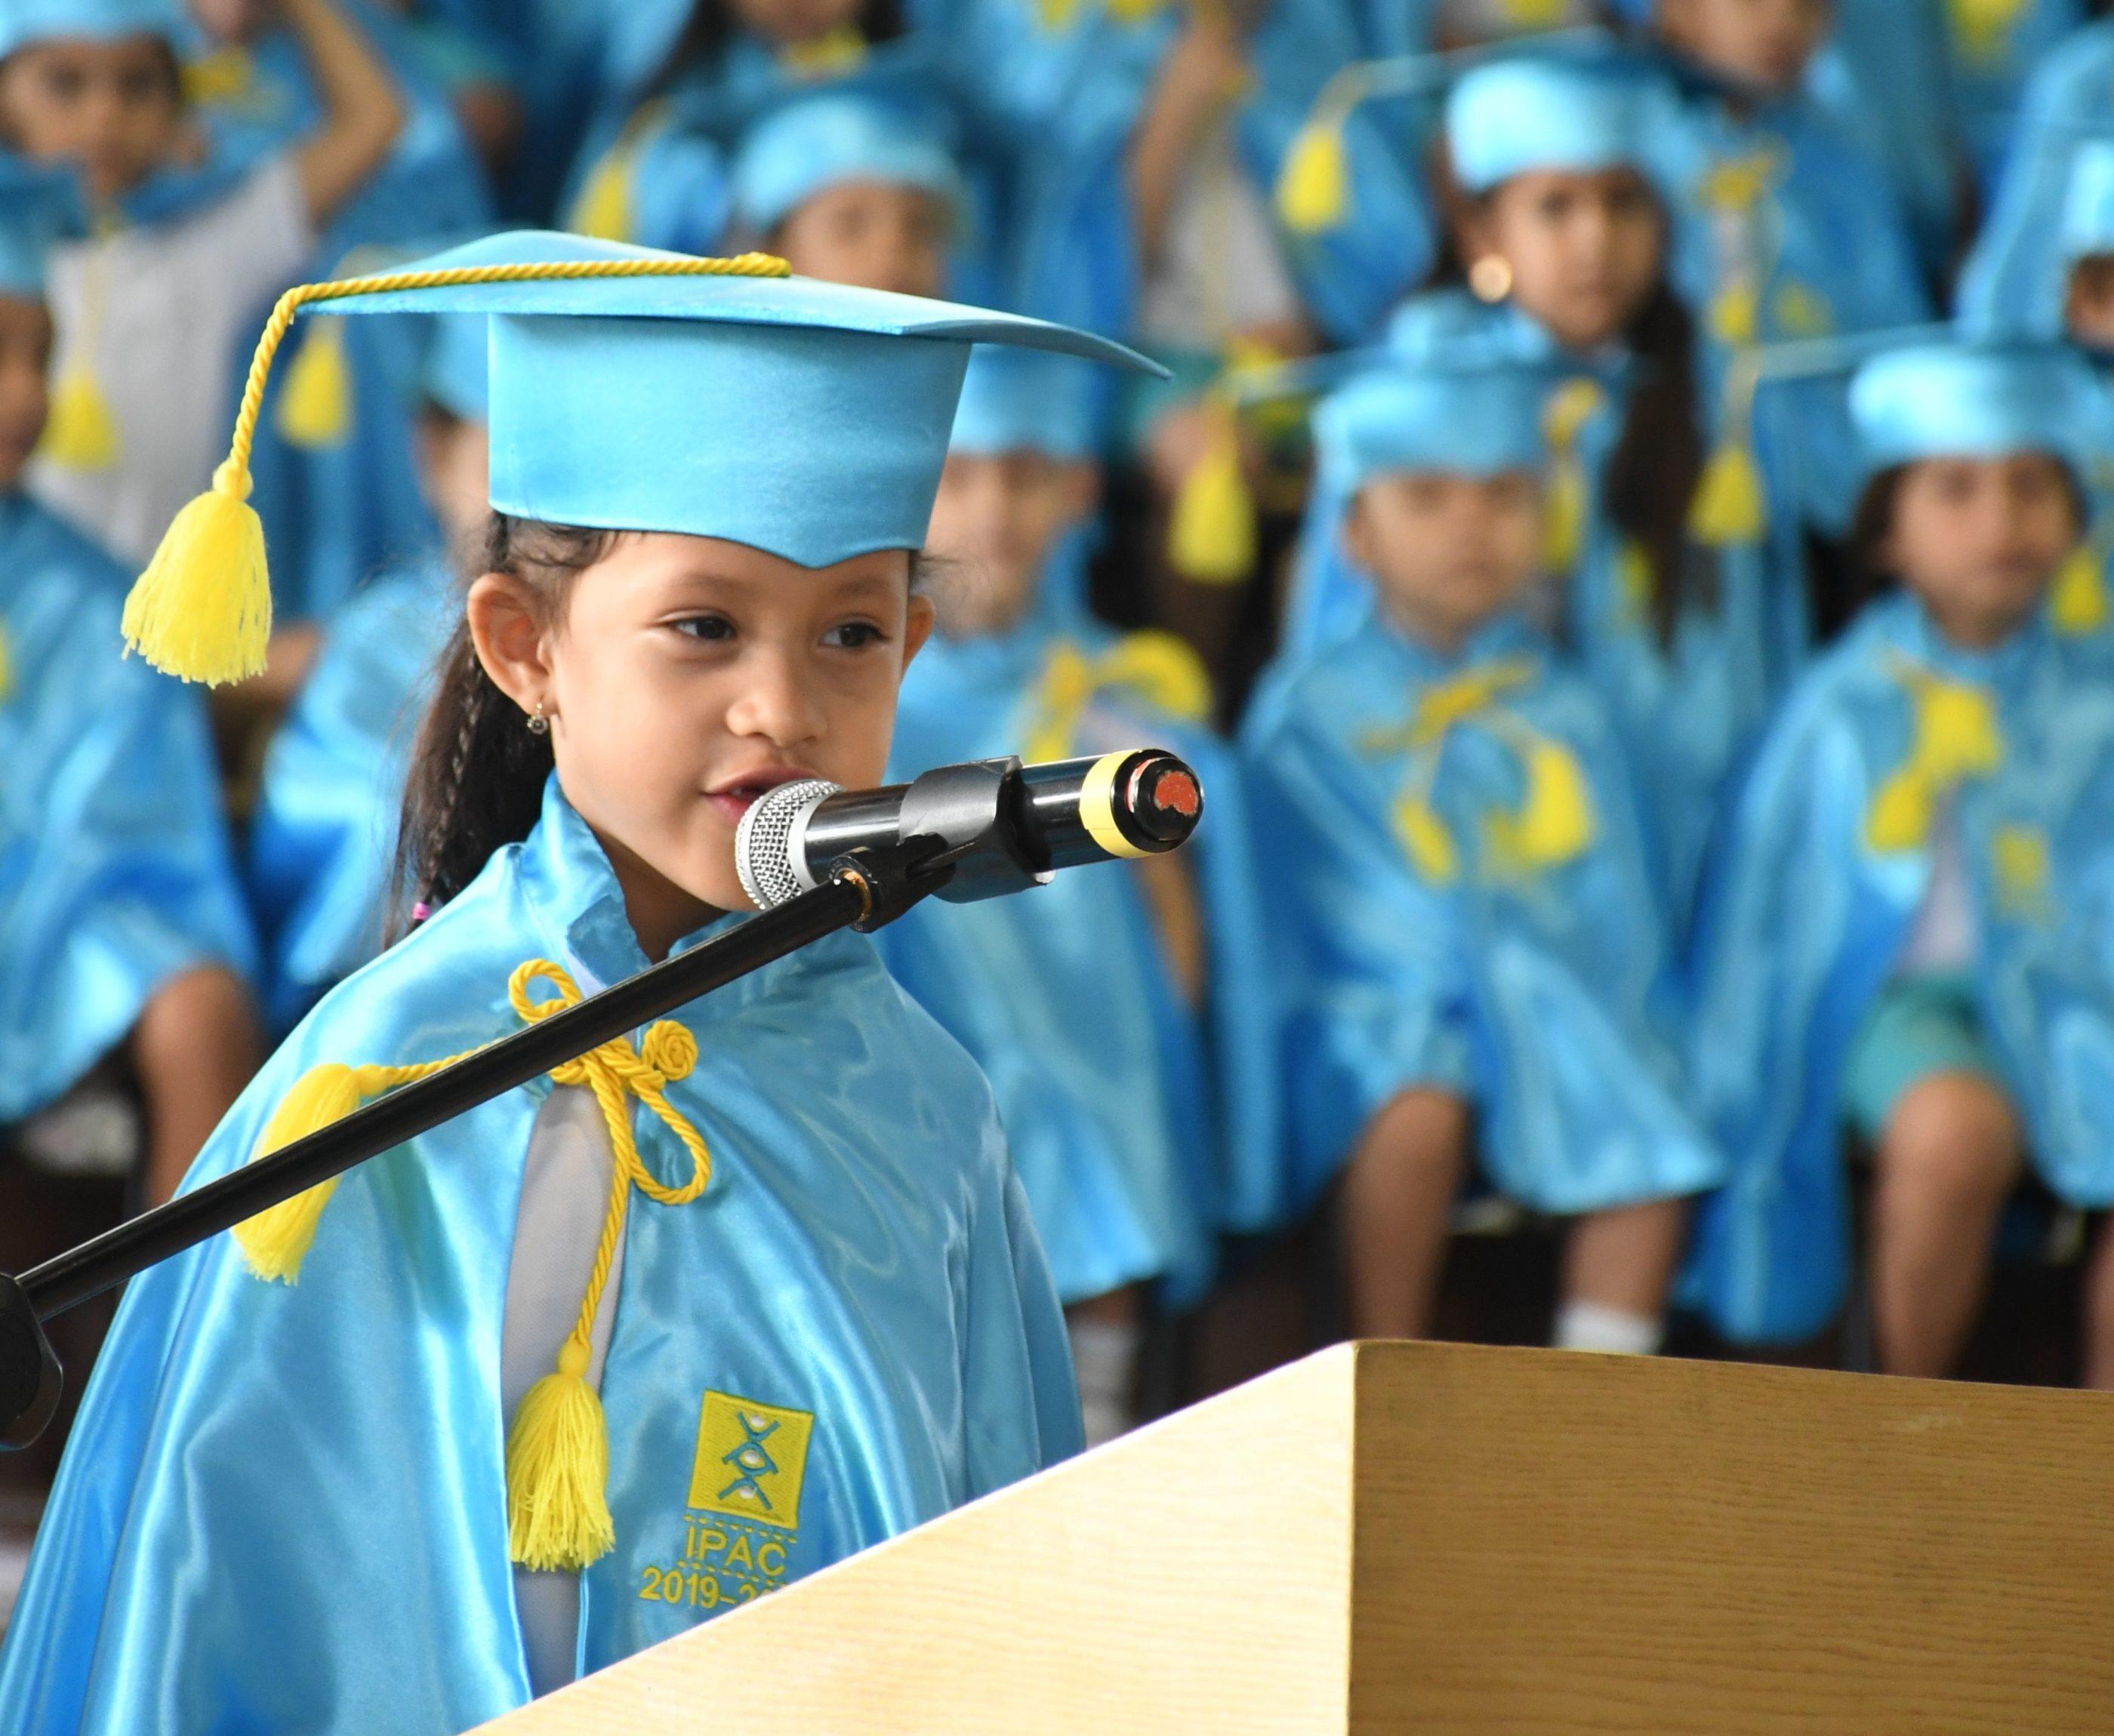 Discurso de culminaci¢n en inglÇs por la estudiante Suyin Asinc 1¯ B†sico W